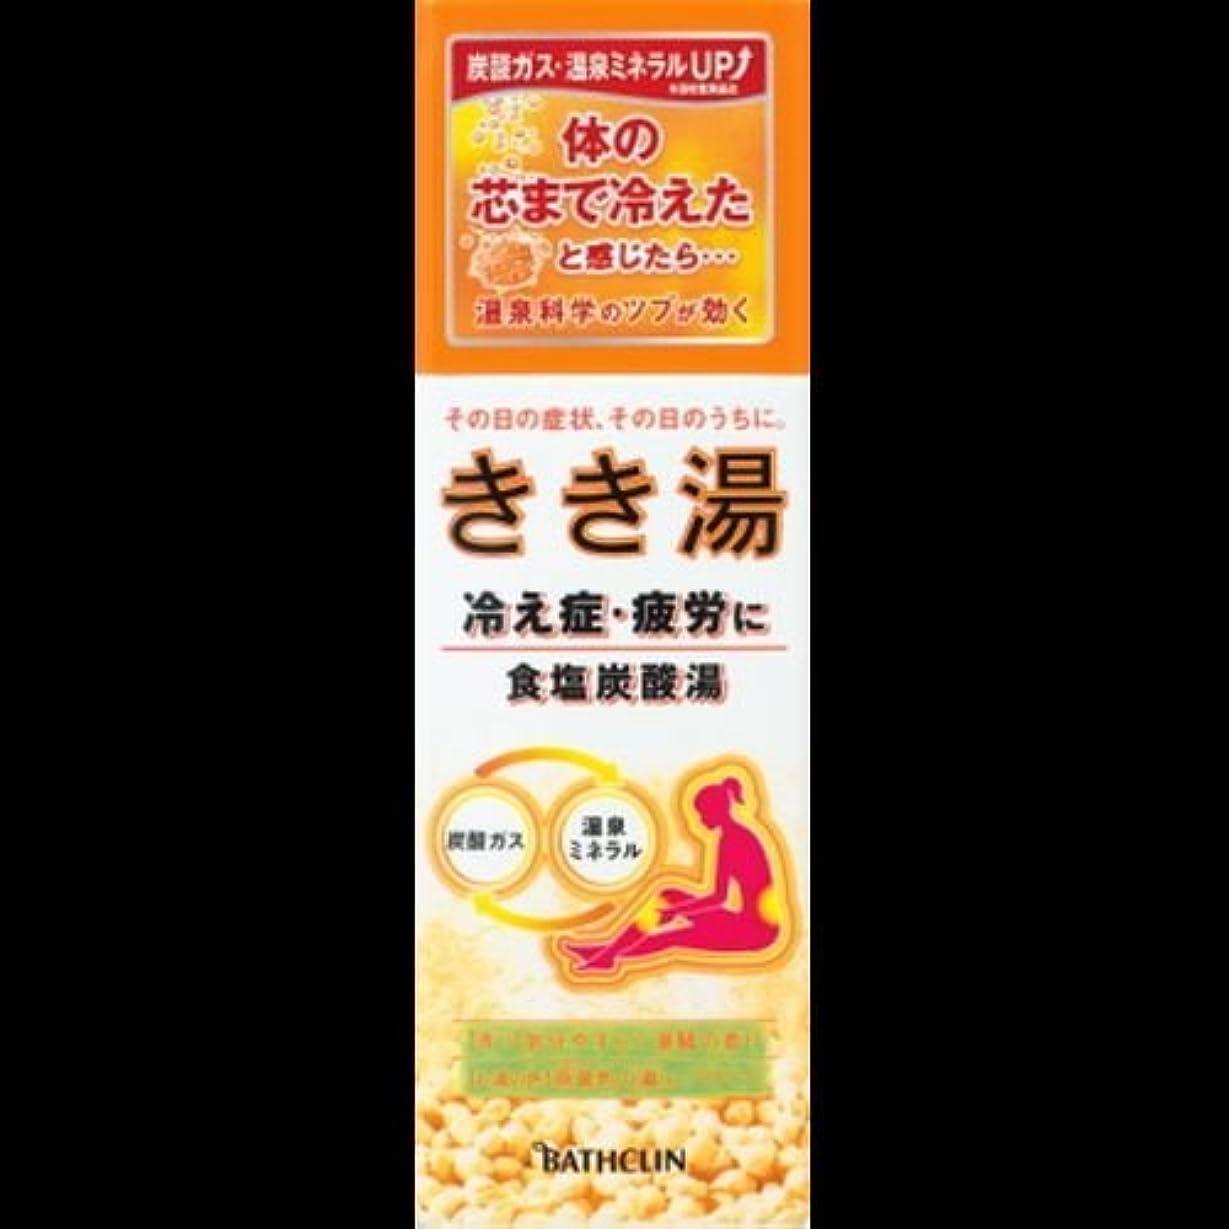 ほかに優しいプランテーション[バスクリン]きき湯 食塩炭酸湯 360g(約12回分)